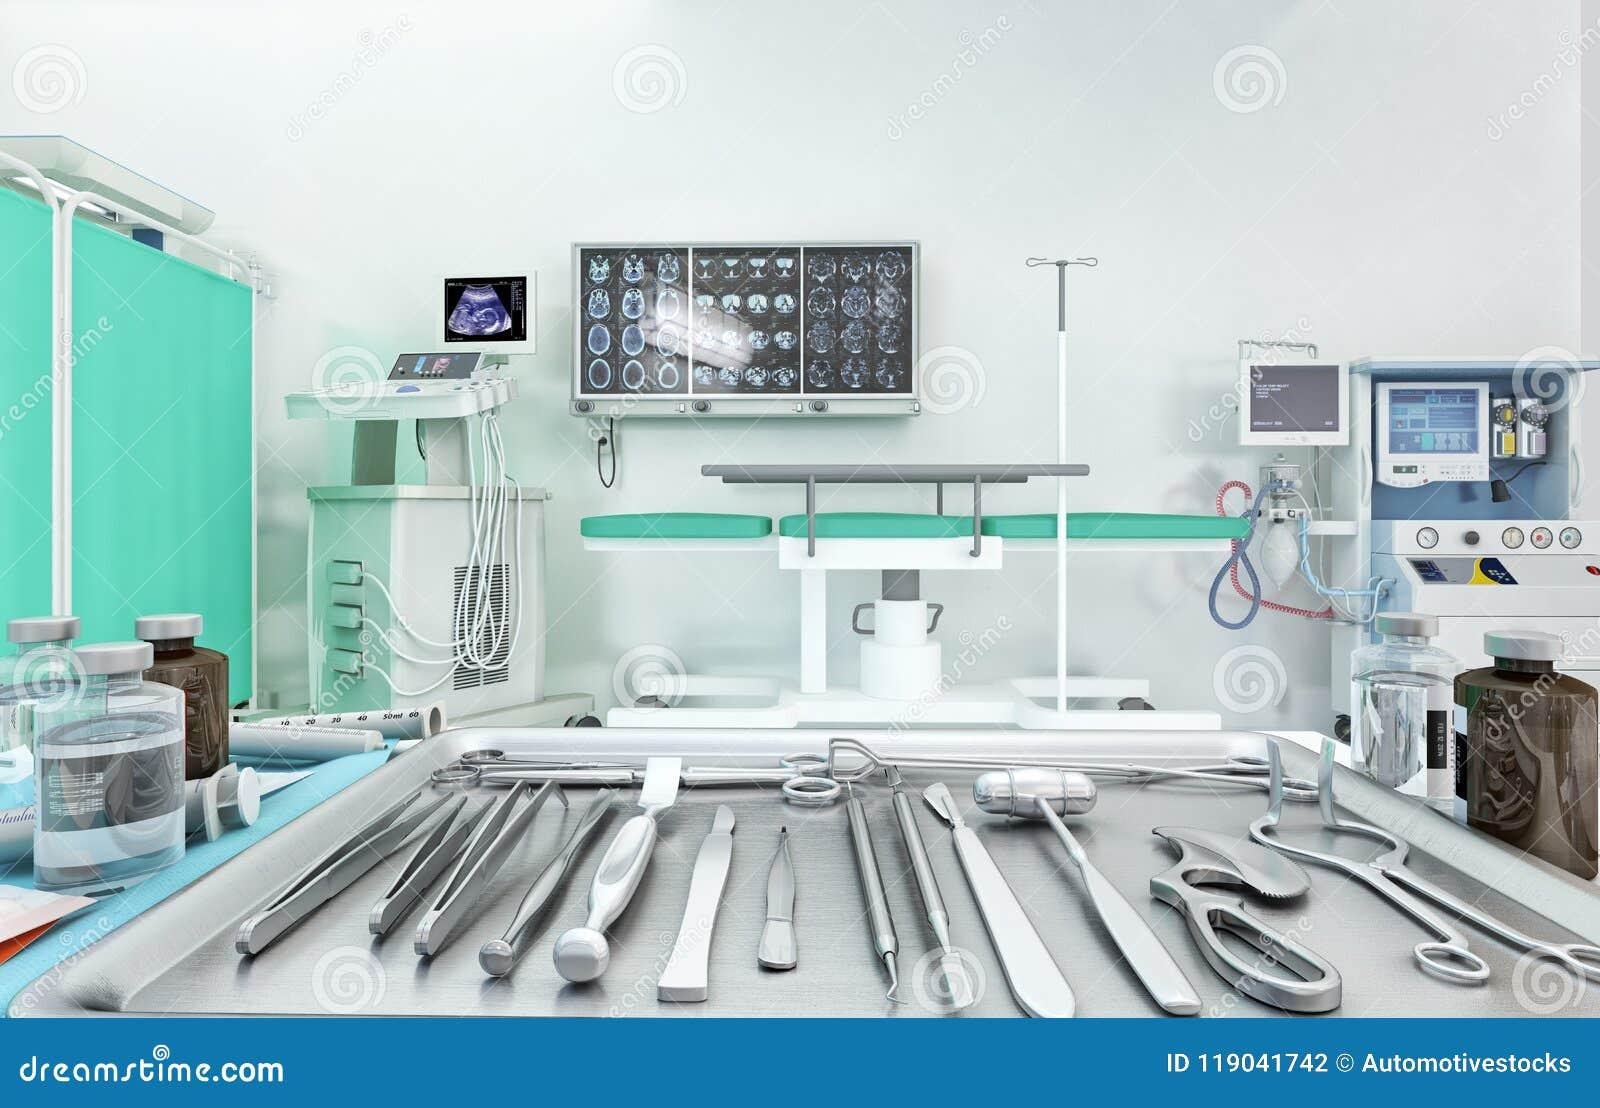 Matériel médical, dispositifs dans la salle d opération moderne illustration 3D